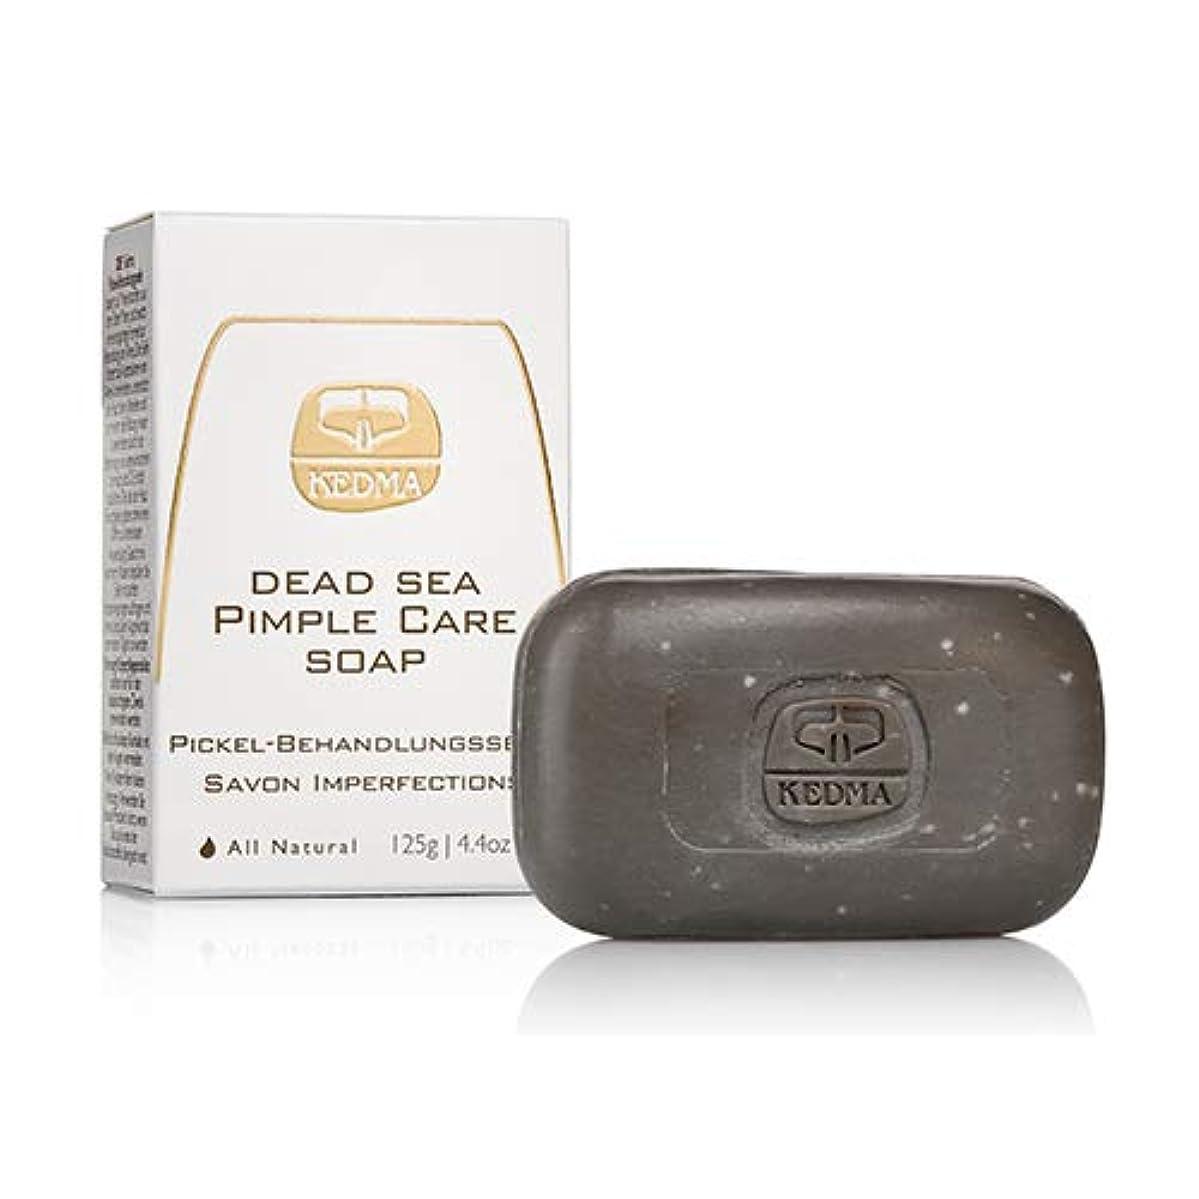 終点どうしたのなめる【日本初上陸/正規代理店】KEDMA死海のミネラル石鹸 死海ピンプルケアソープ 125g